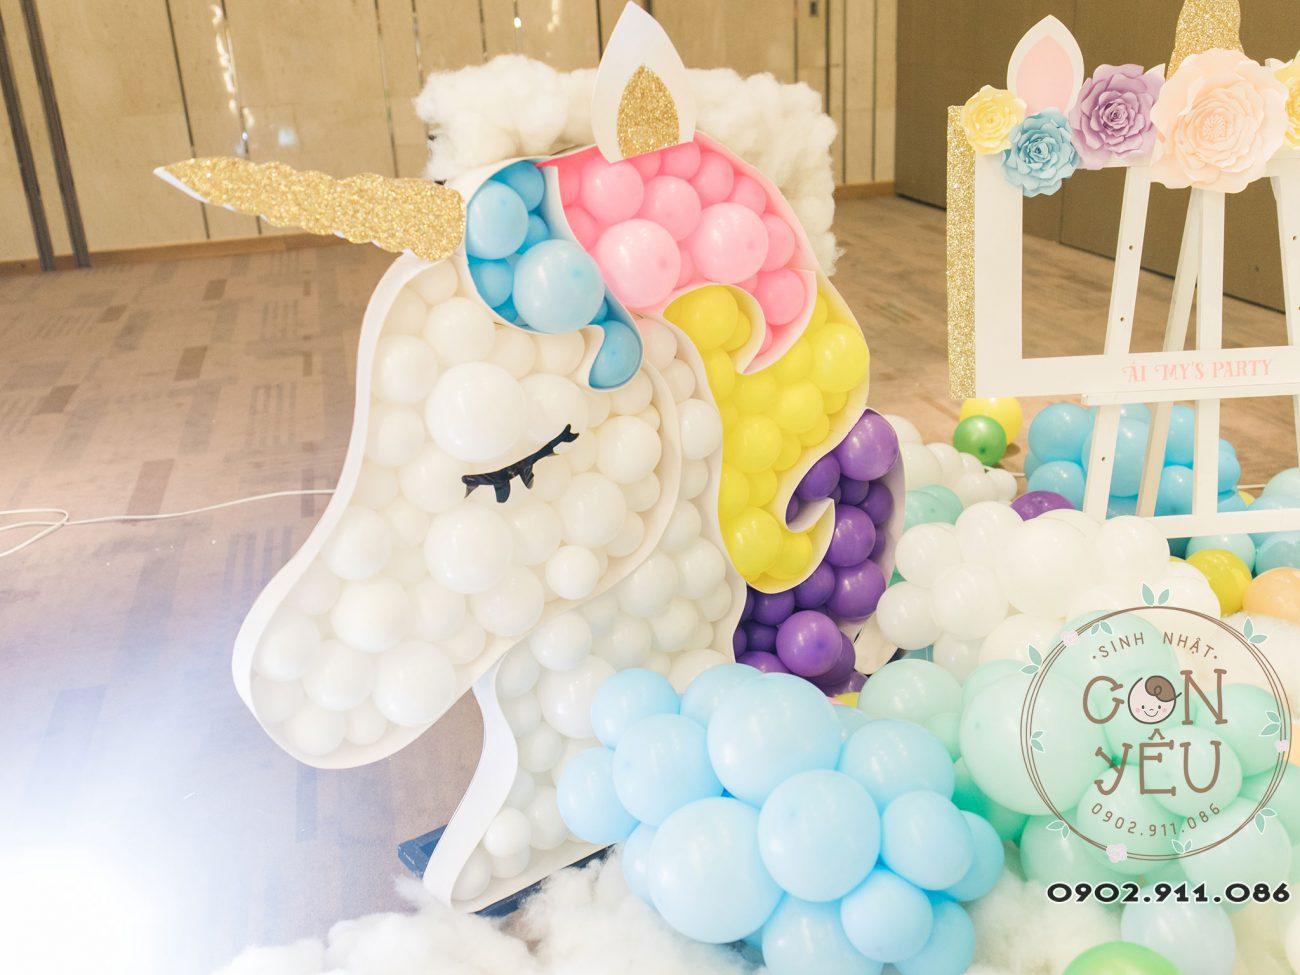 Trang trí thôi nôi chủ đề Unicorn cho bé Ái MyTrang trí thôi nôi chủ đề Unicorn cho bé Ái My